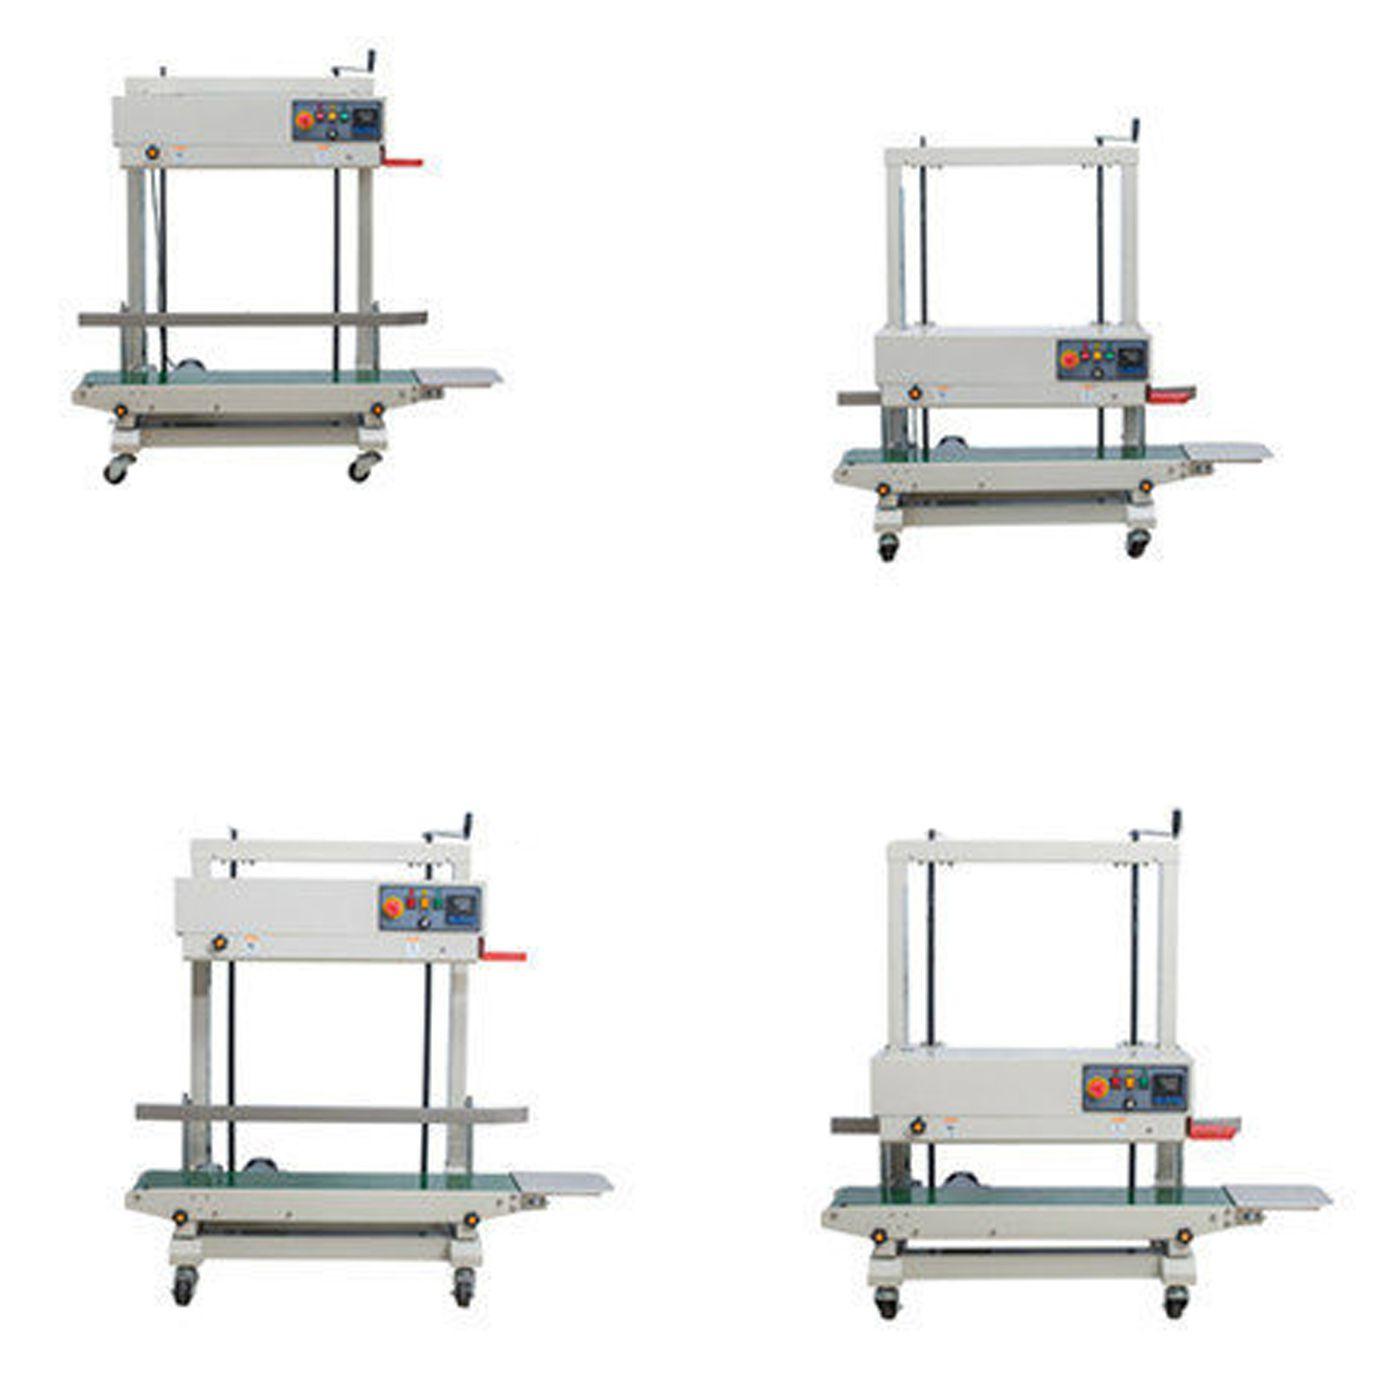 Seladora Automática Contínua RG-1100V (Vertical)